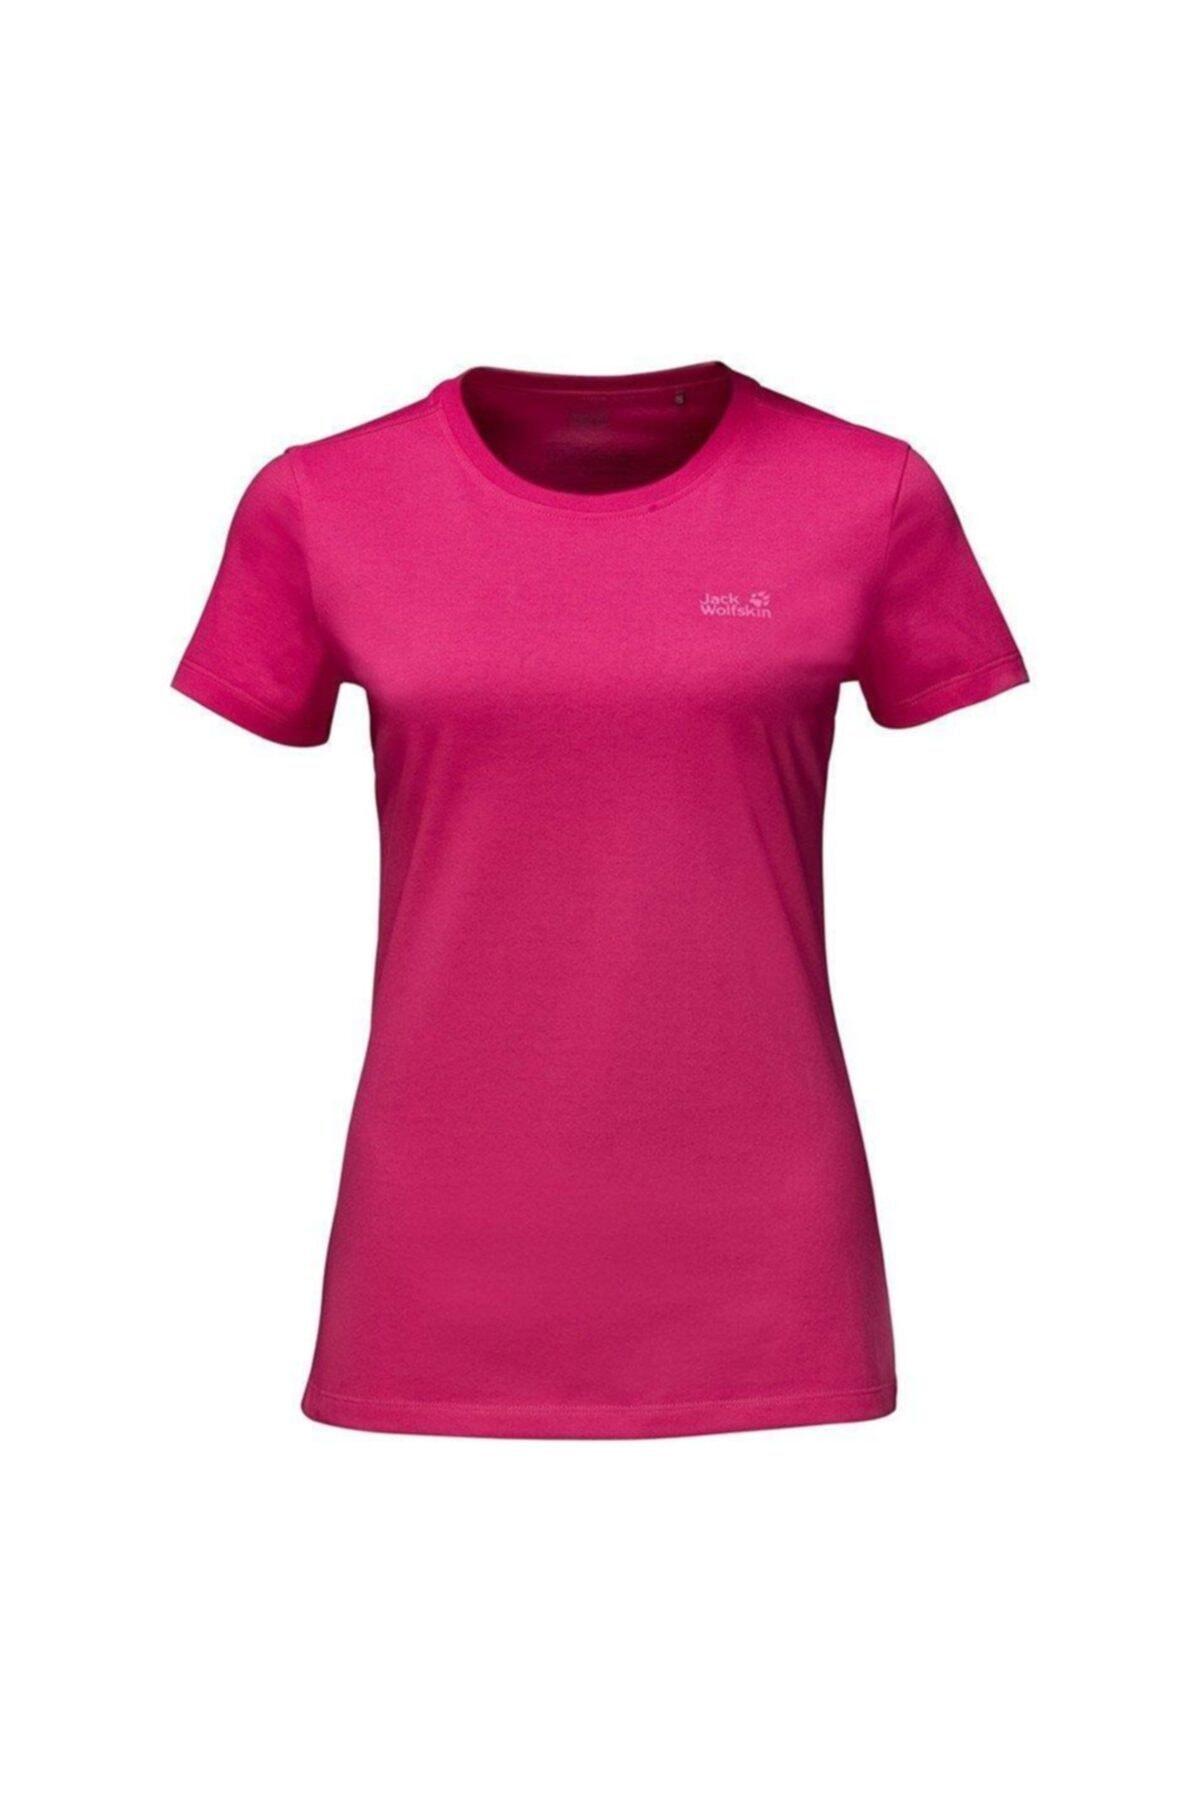 Jack Wolfskin Essential Kadın T-shirt - 1805791-2145 1